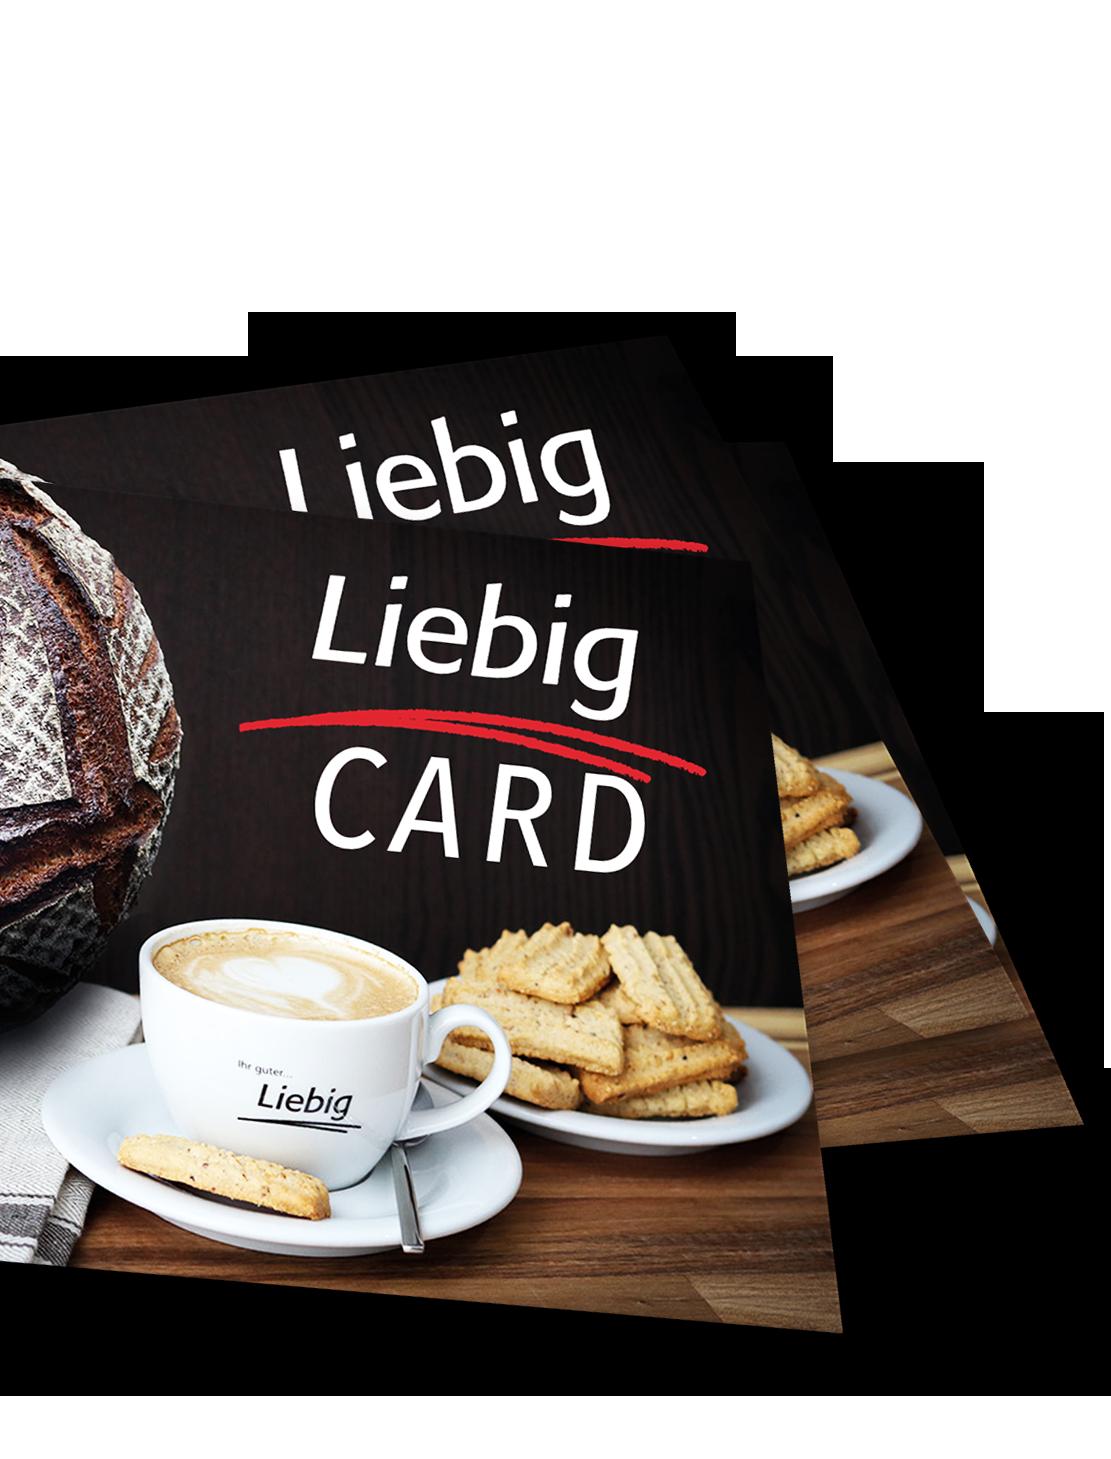 Liebig CARD - die Kundenkarte der Bäckerei Ihr guter Liebig aus Pfungstadt